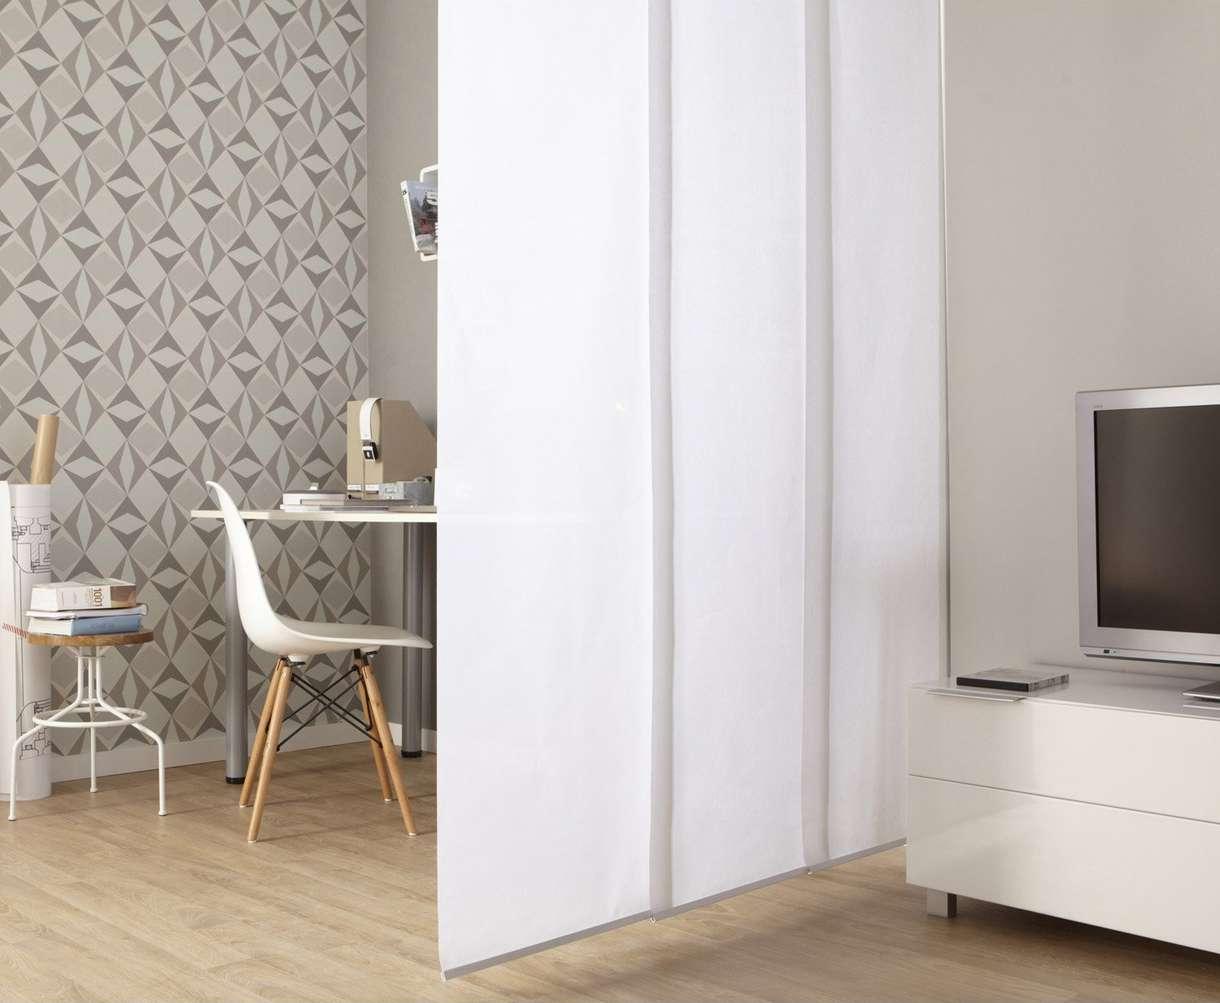 les cloisons pour d limiter un espace de travail chez soi black confetti. Black Bedroom Furniture Sets. Home Design Ideas